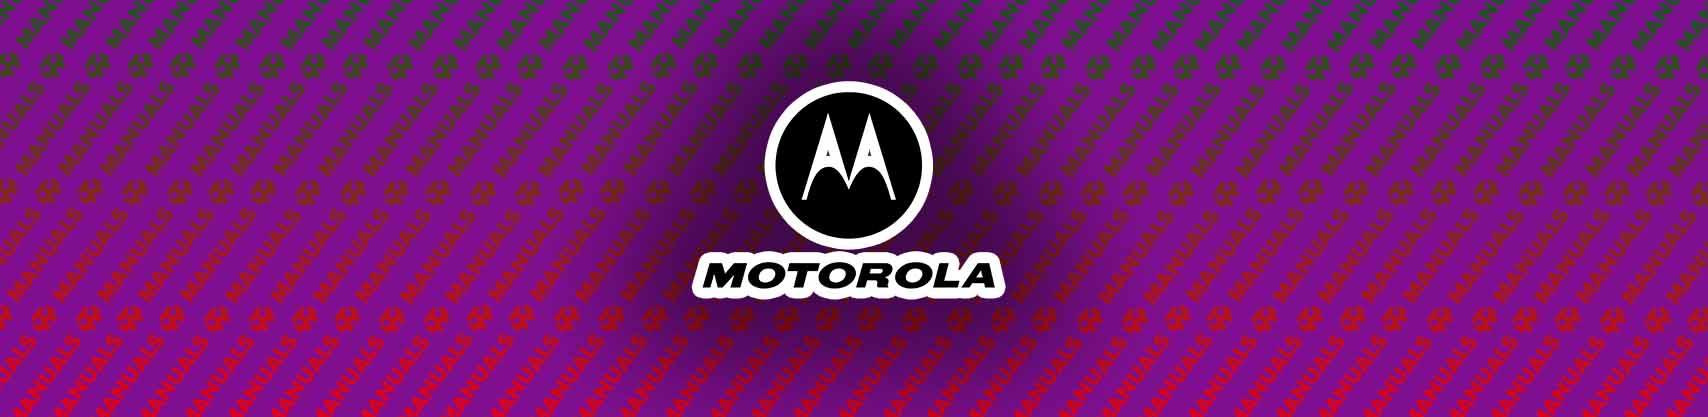 Motorola XPR 6550 Manual